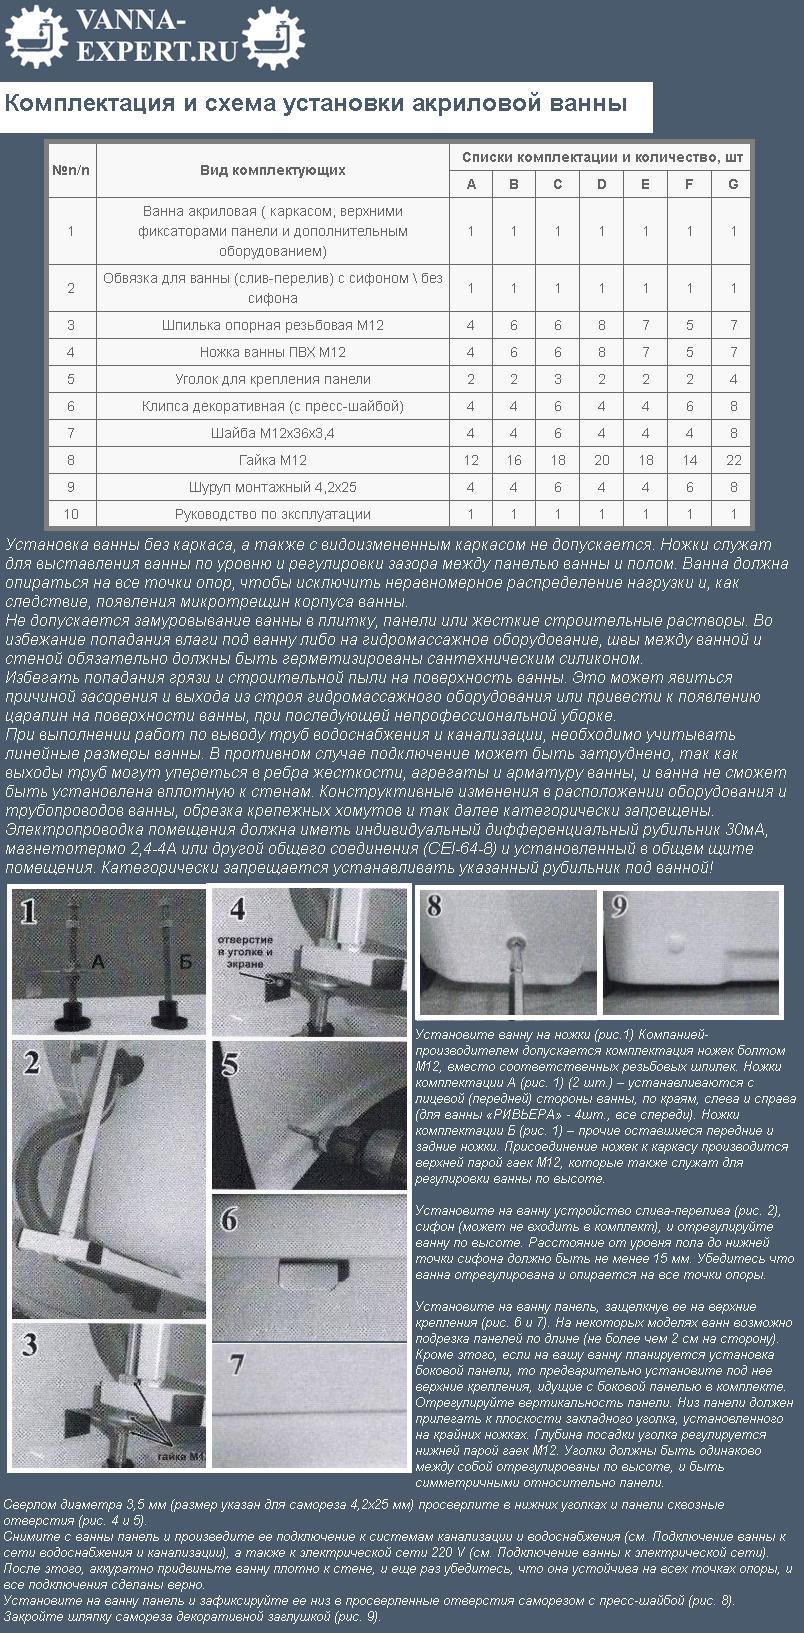 Комплектация и схема установки акриловой ванны